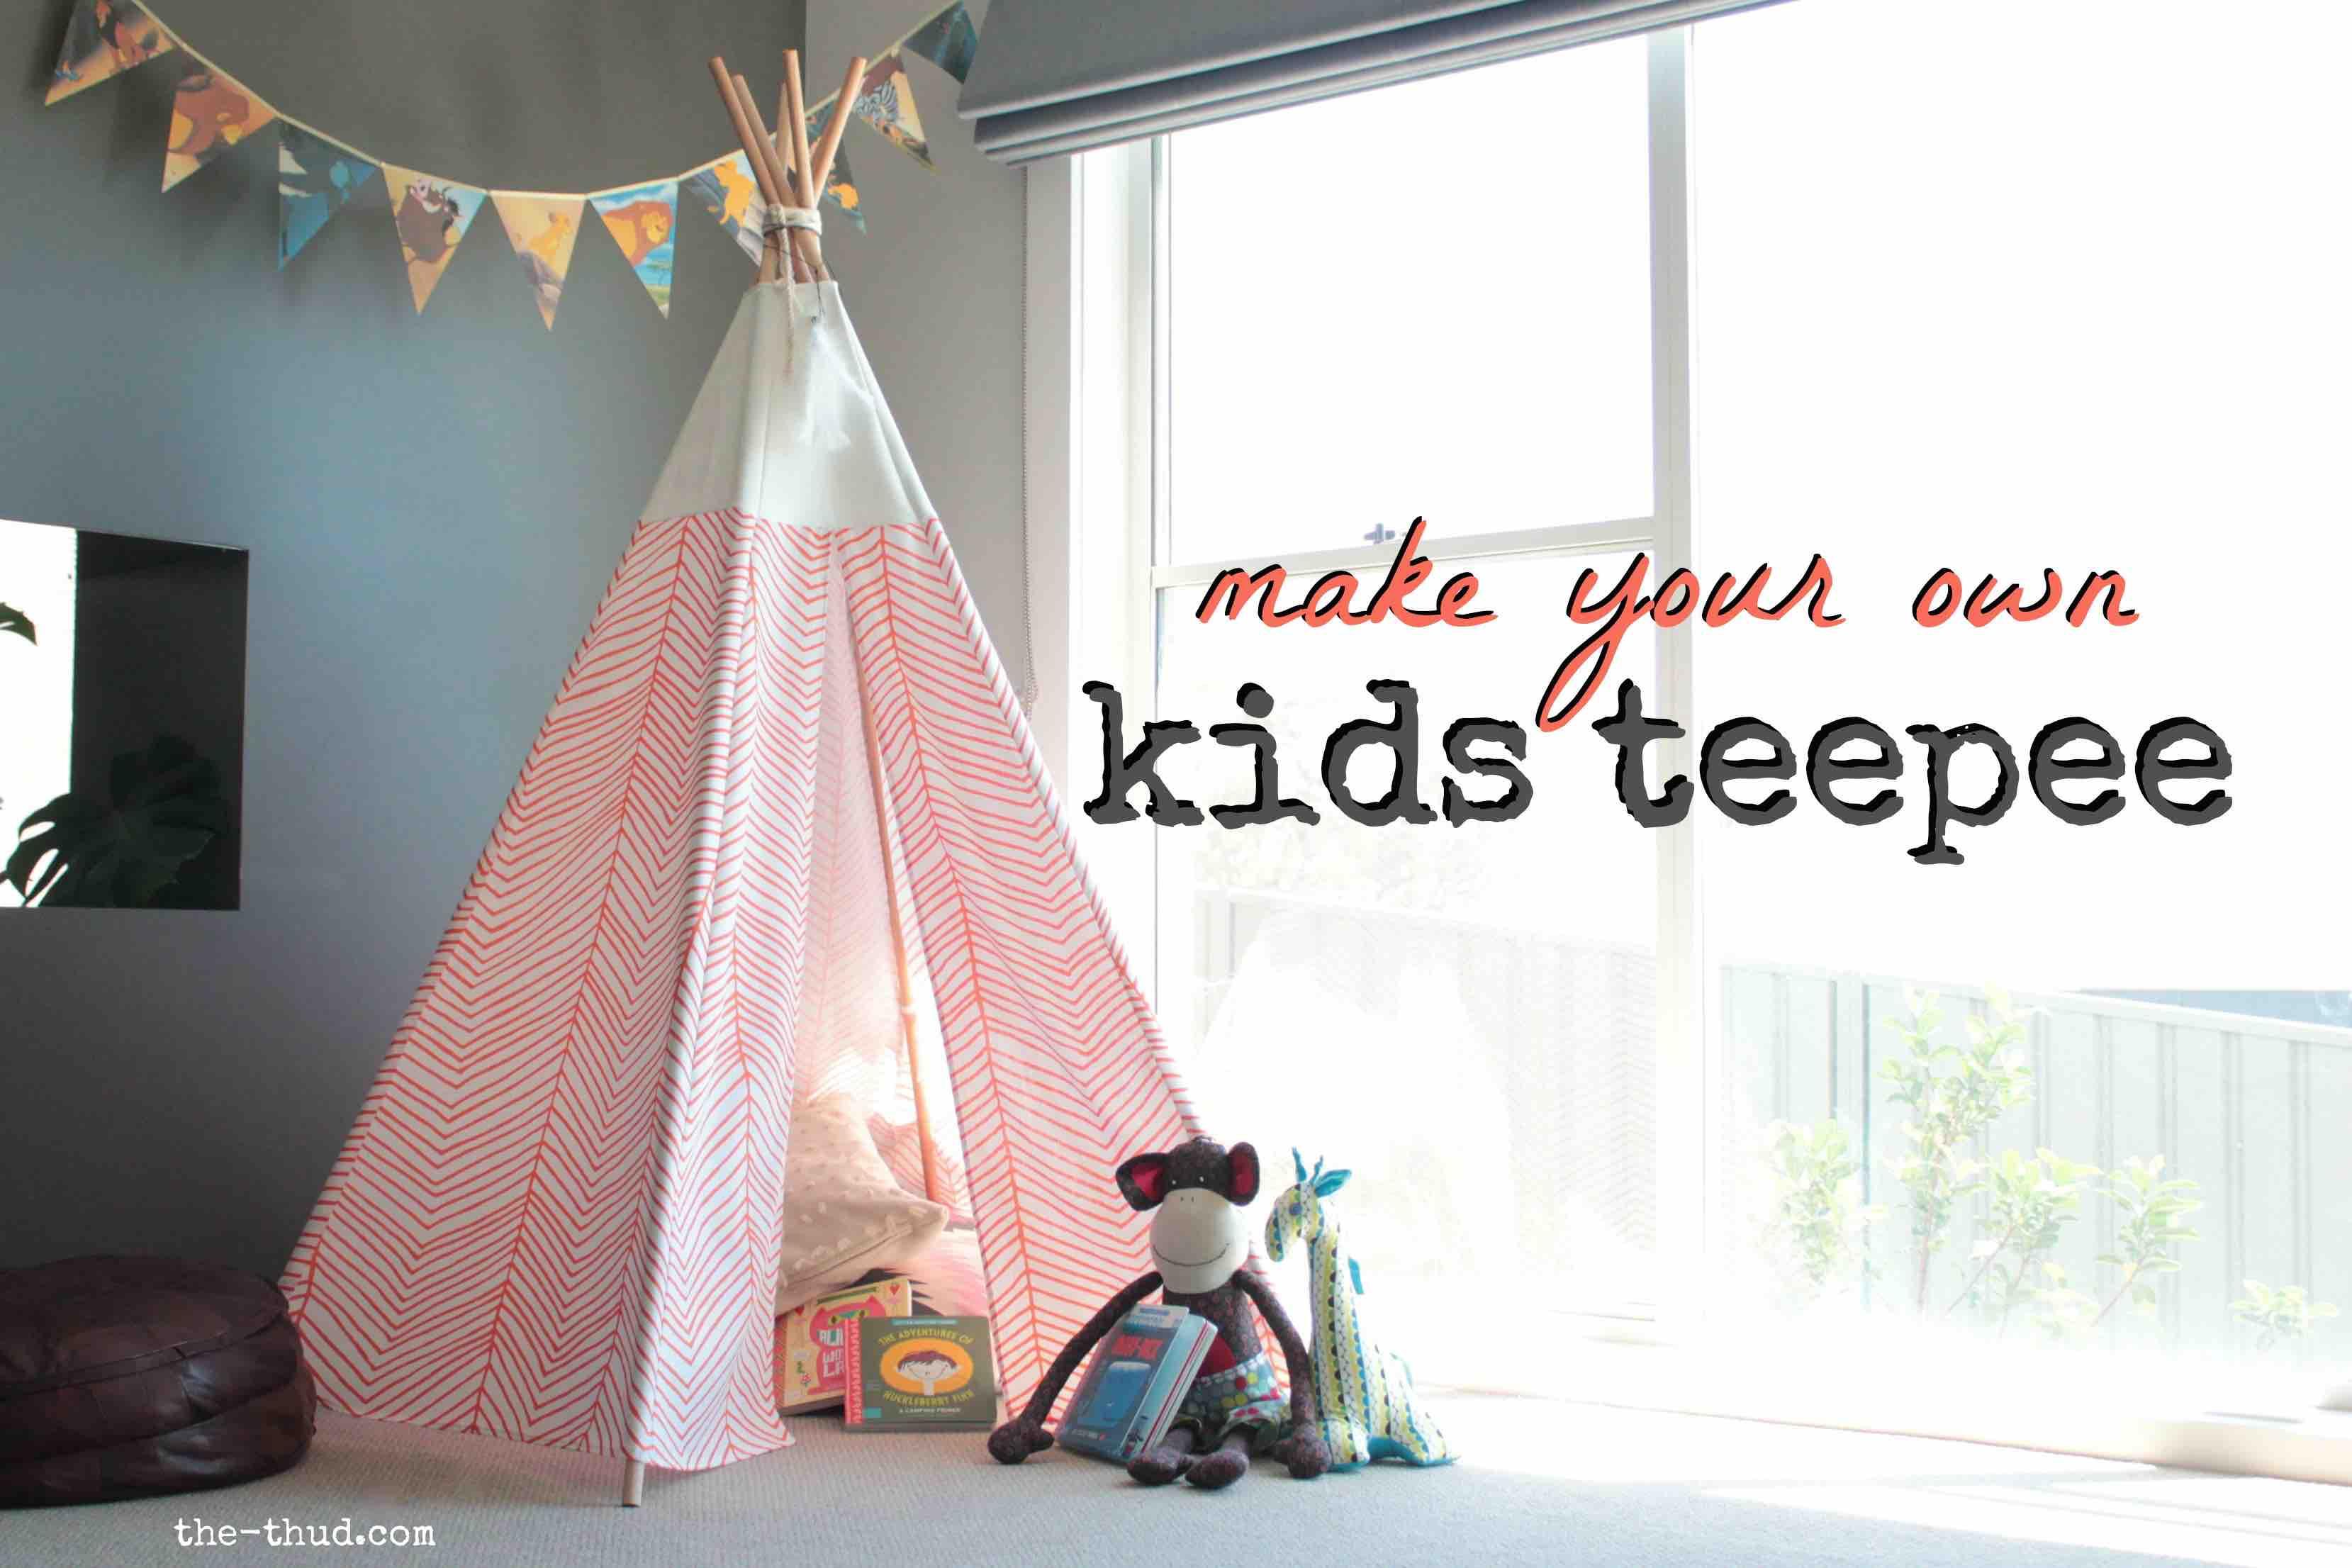 Fullsize Of Teepee For Kids